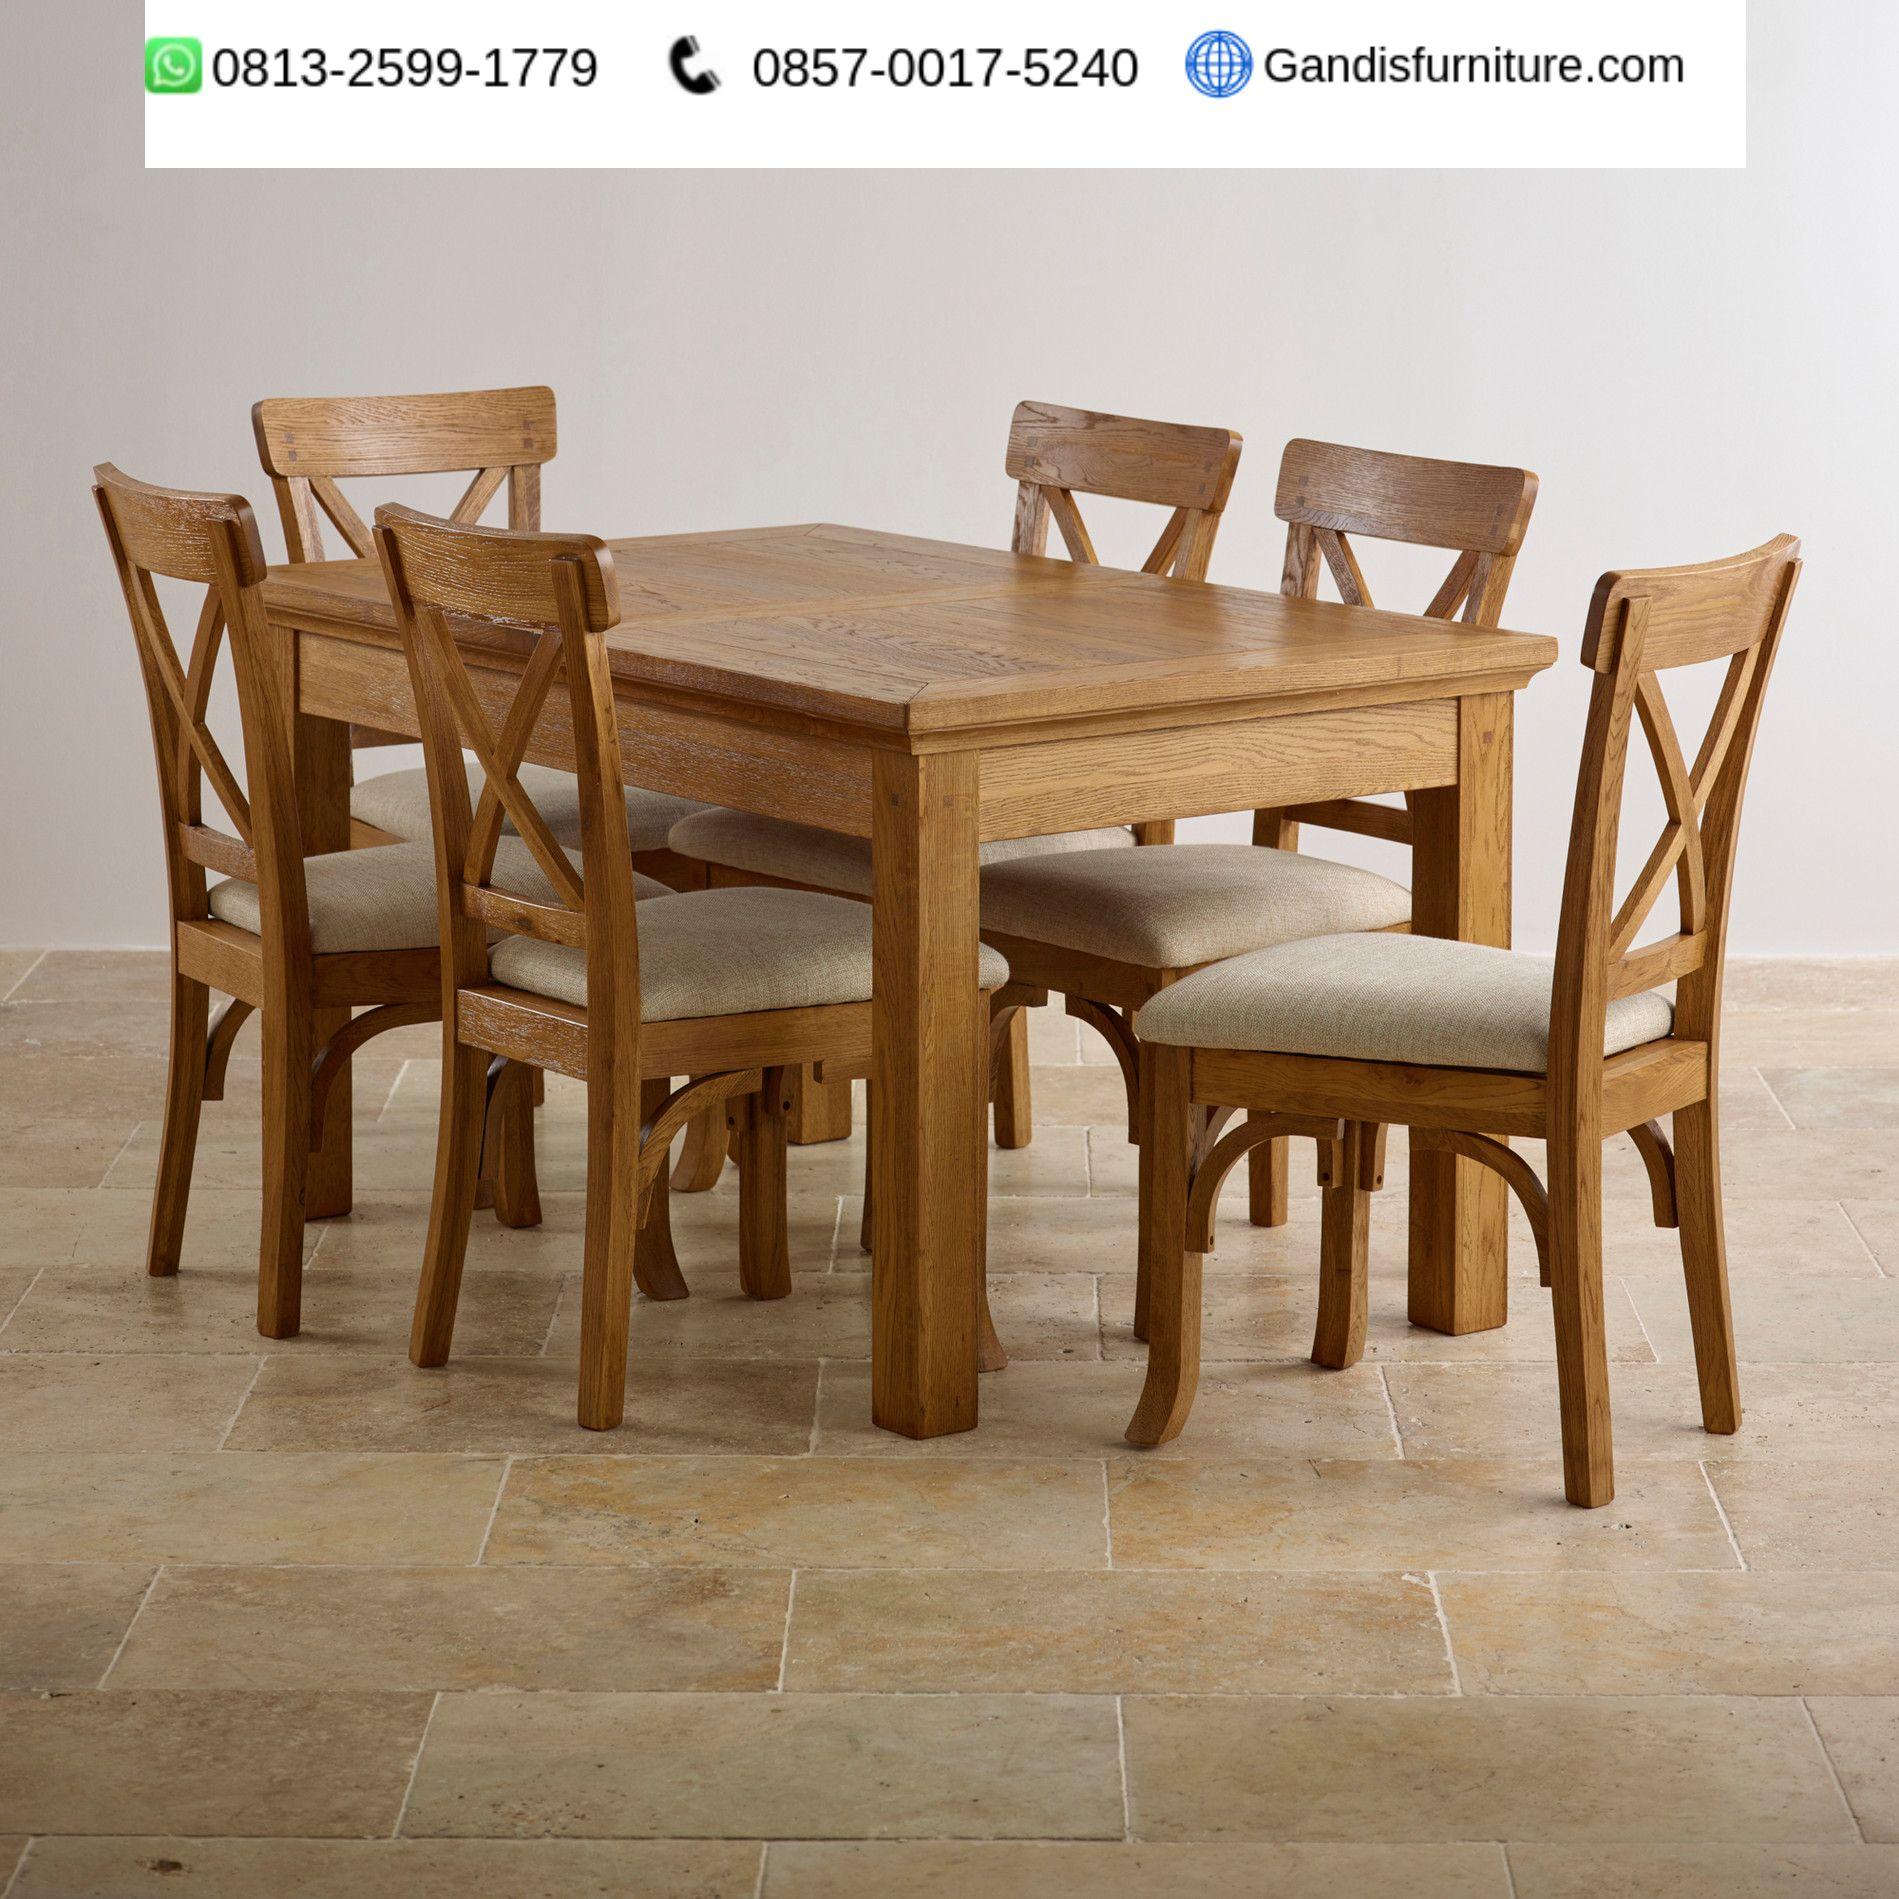 Meja Makan Minimalis Modern Jati Furniture Asli Jepara Gandis Furniture Jepara